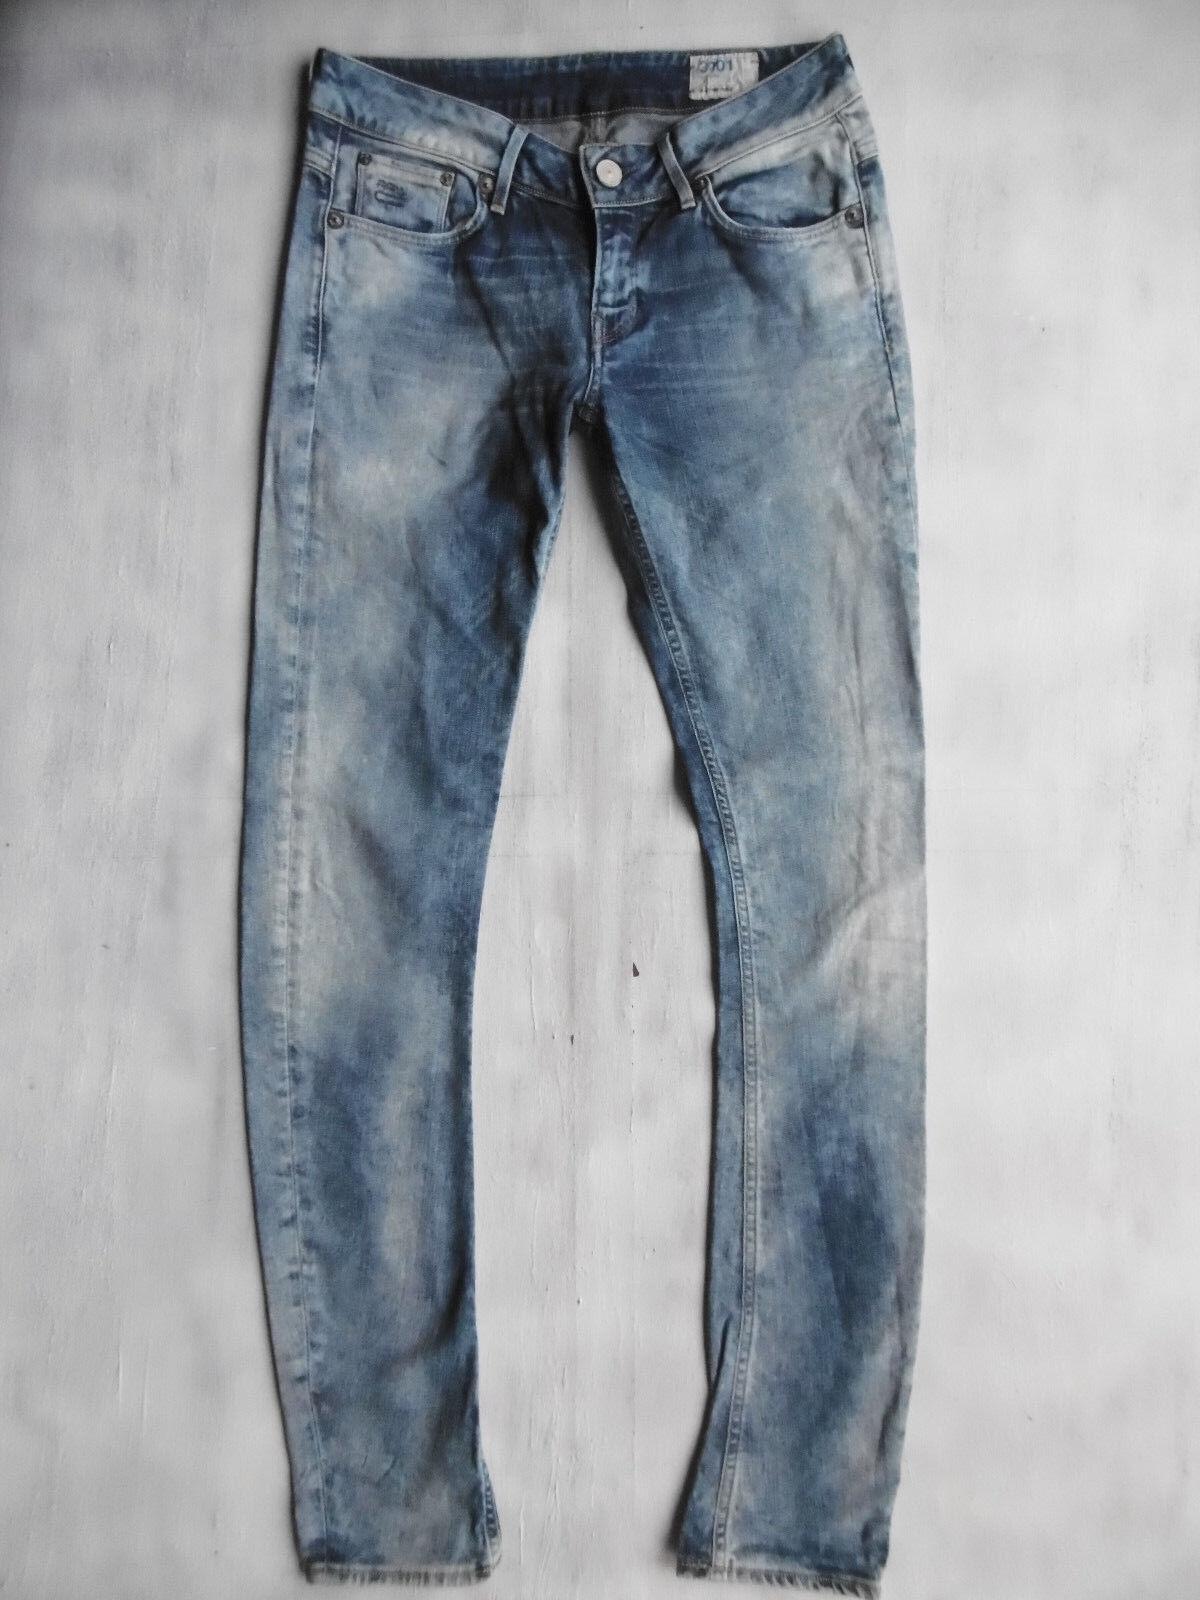 stretch Blau aged WMN Skinny 3301 G Star Jeans 1AZust